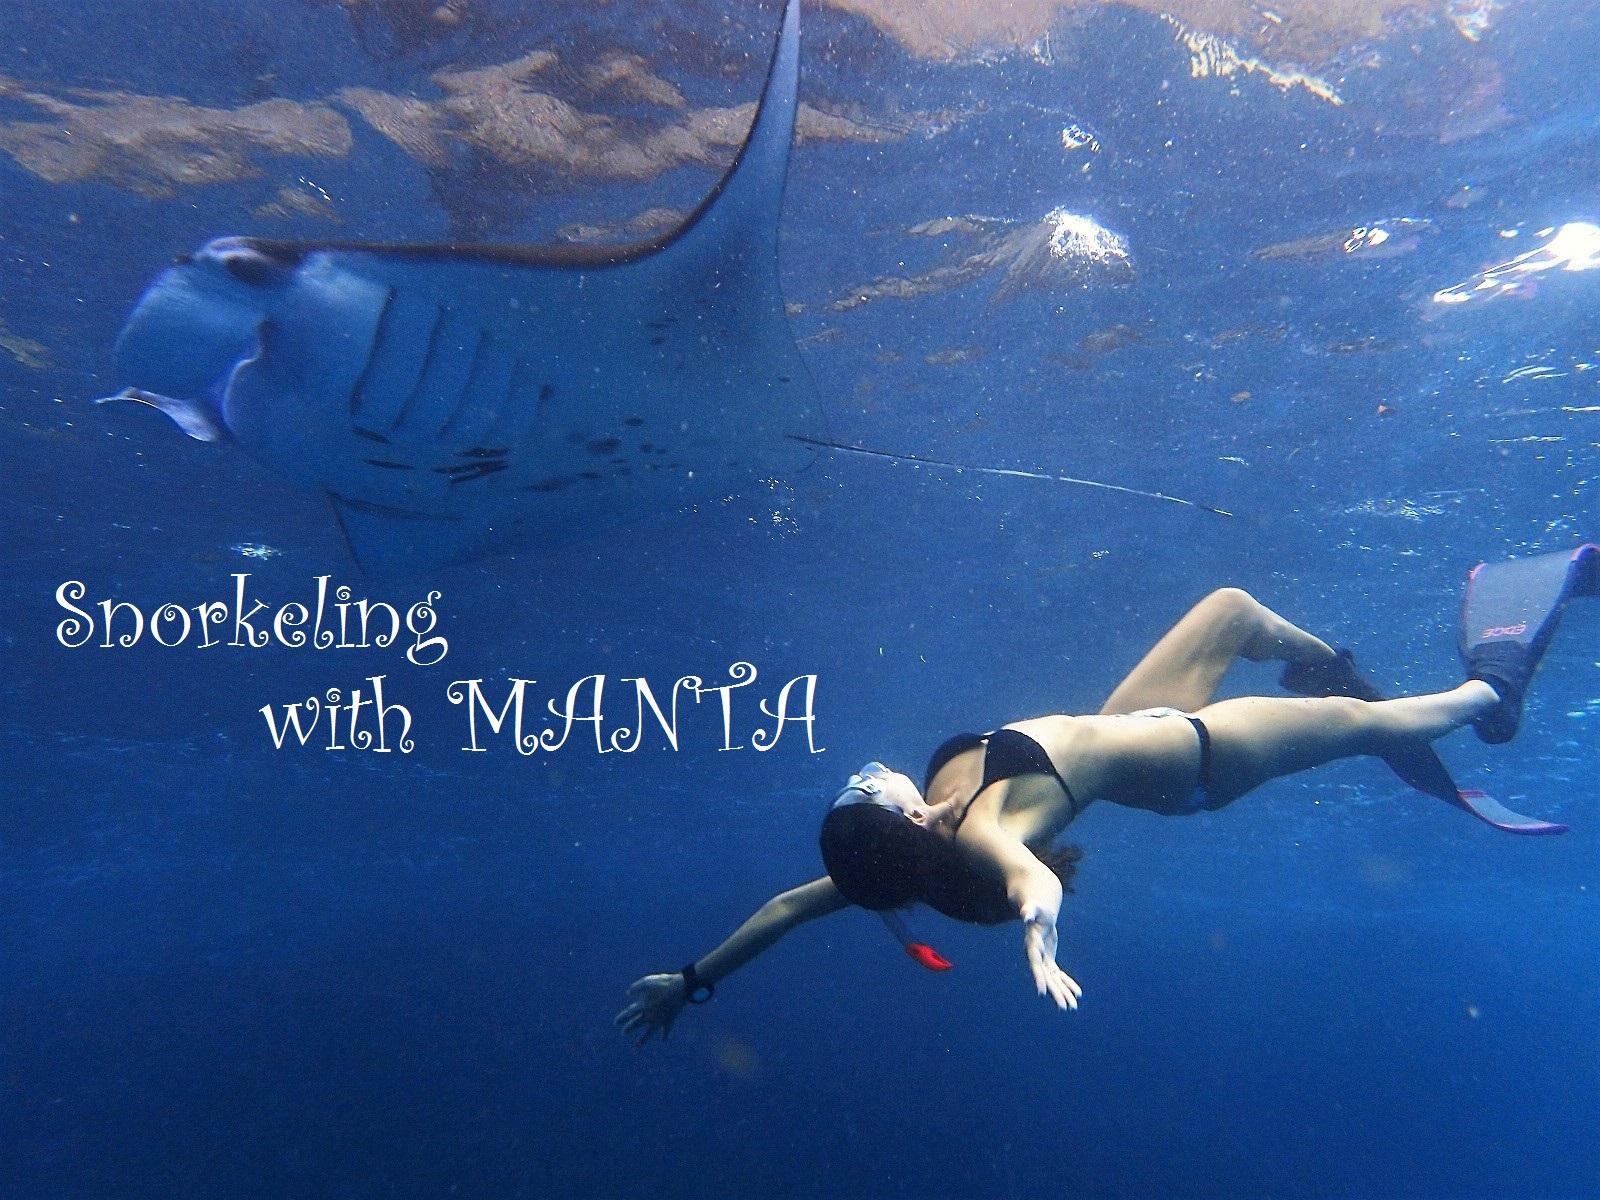 バリ島発マンタと泳ぐシュノーケリングツアー